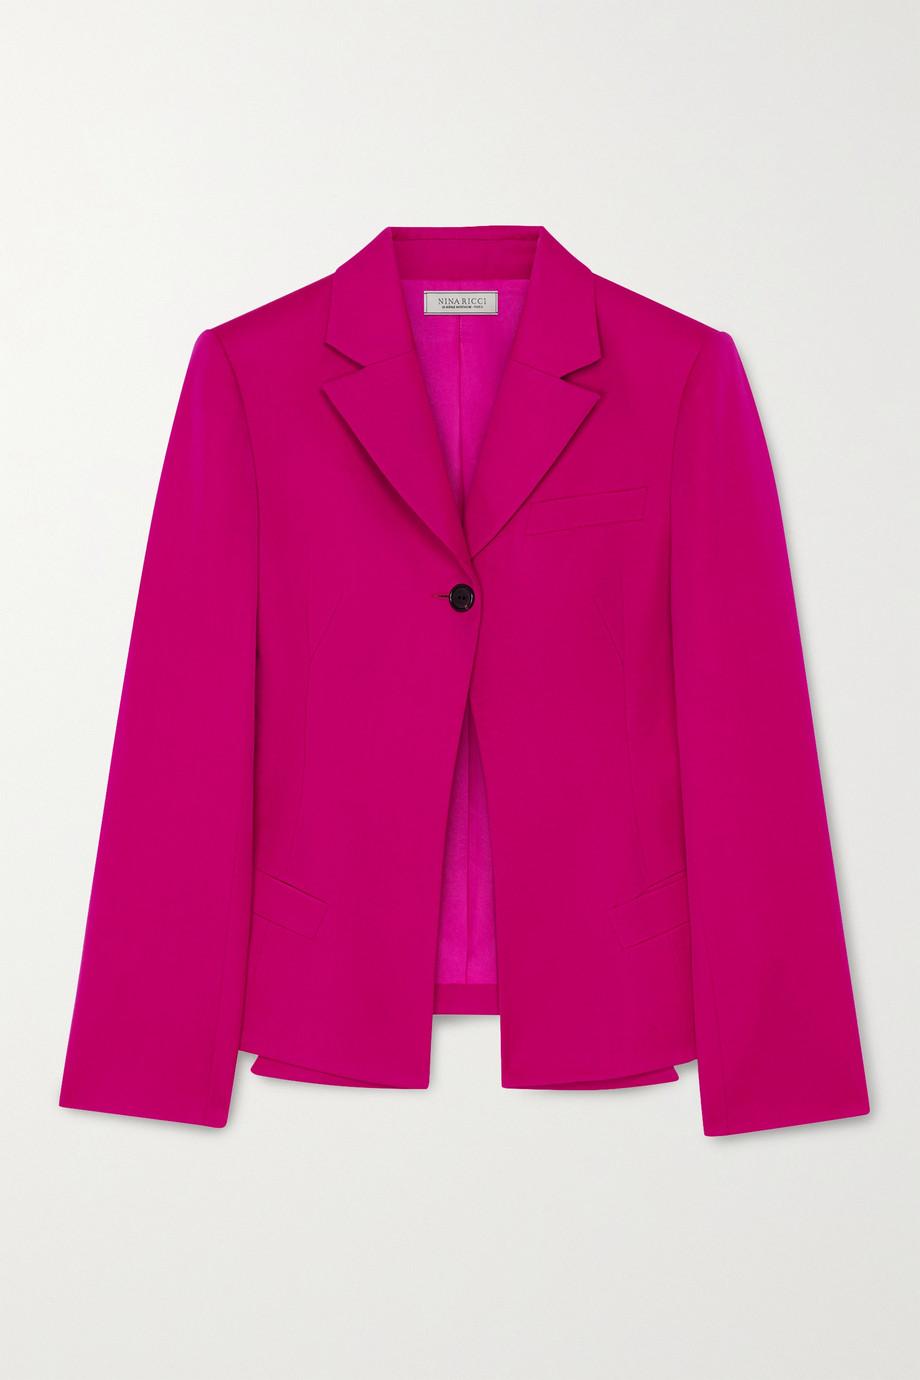 Nina Ricci 羊毛华达呢西装外套